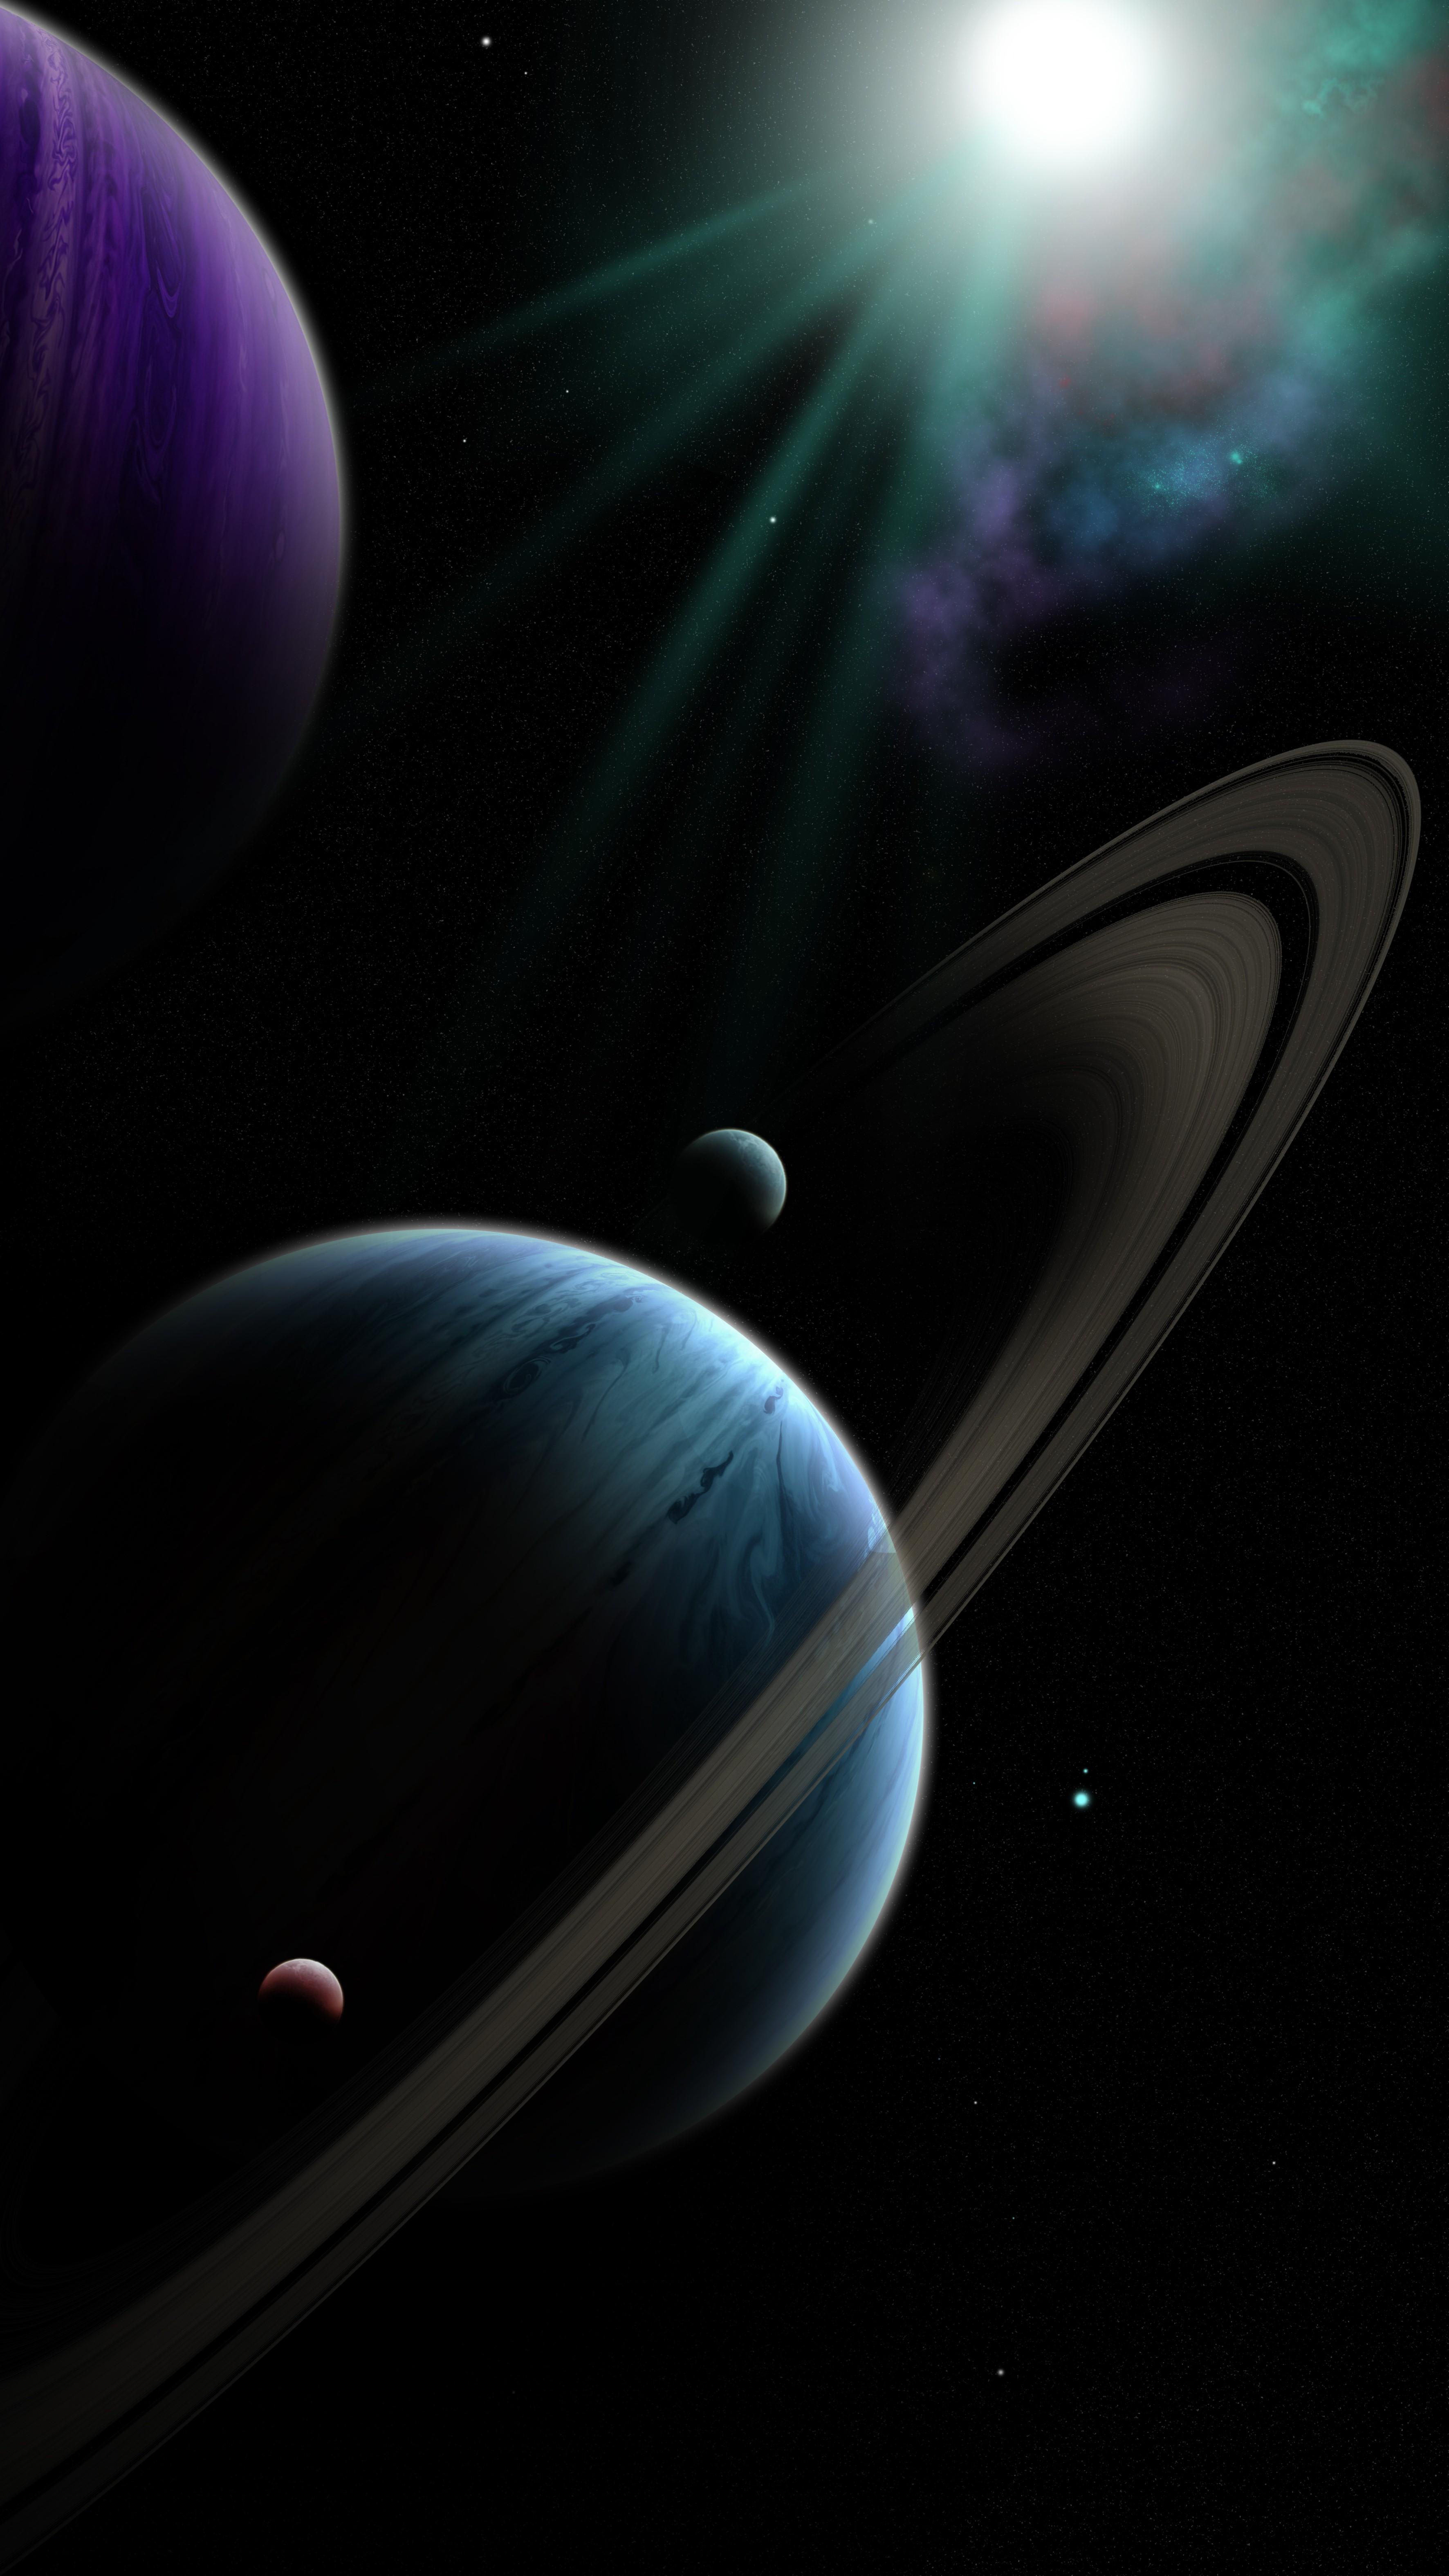 129928 Заставки и Обои Планеты на телефон. Скачать Планеты, Галактика, Космос, Сияние, Темный, Вселенная картинки бесплатно